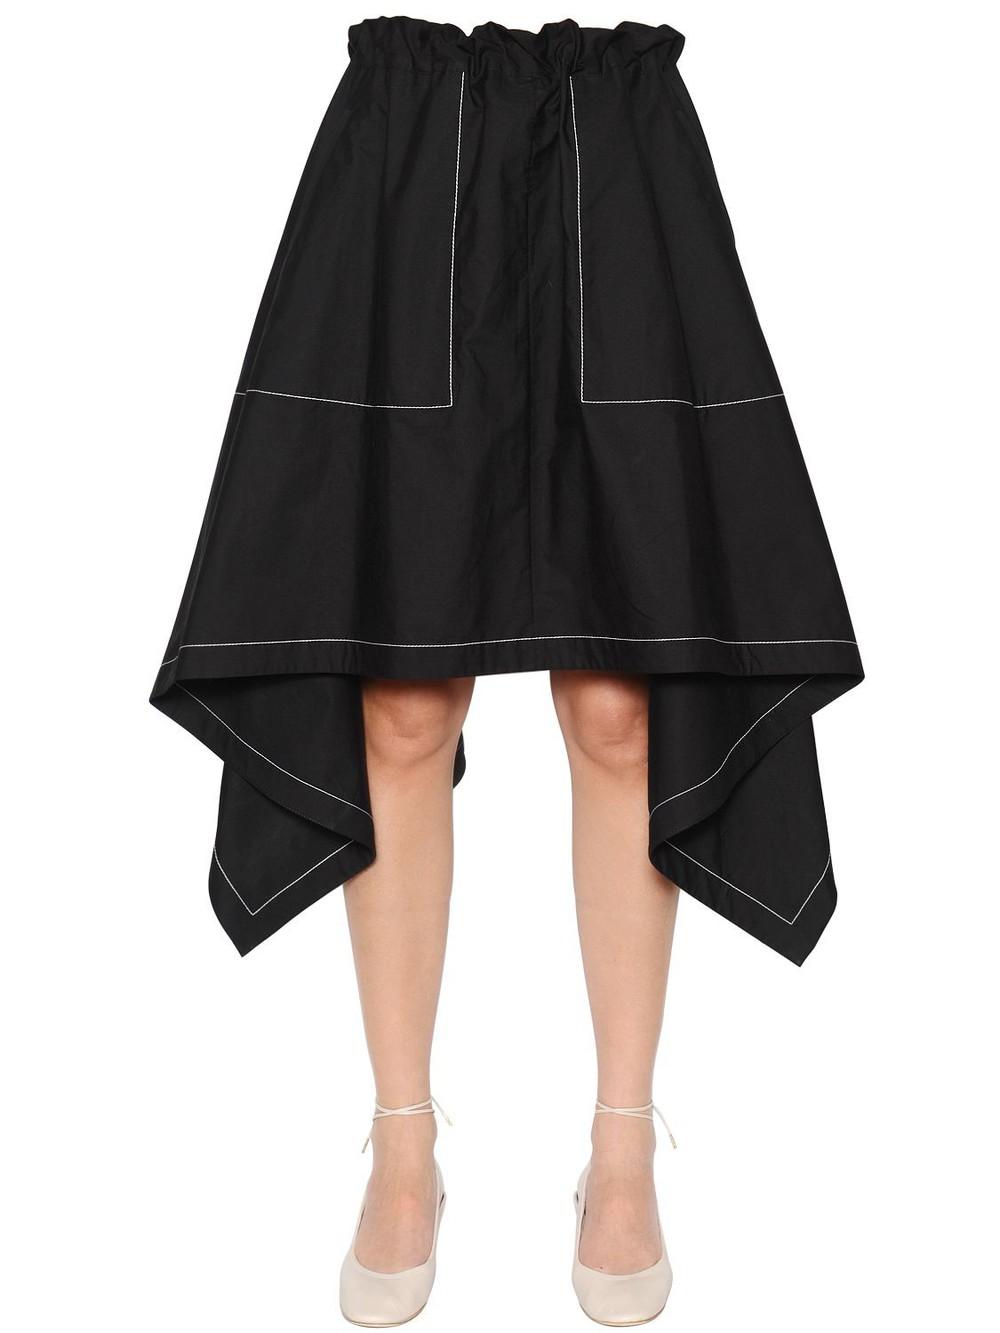 J.W.ANDERSON Asymmetric Light Cotton Poplin Skirt in black